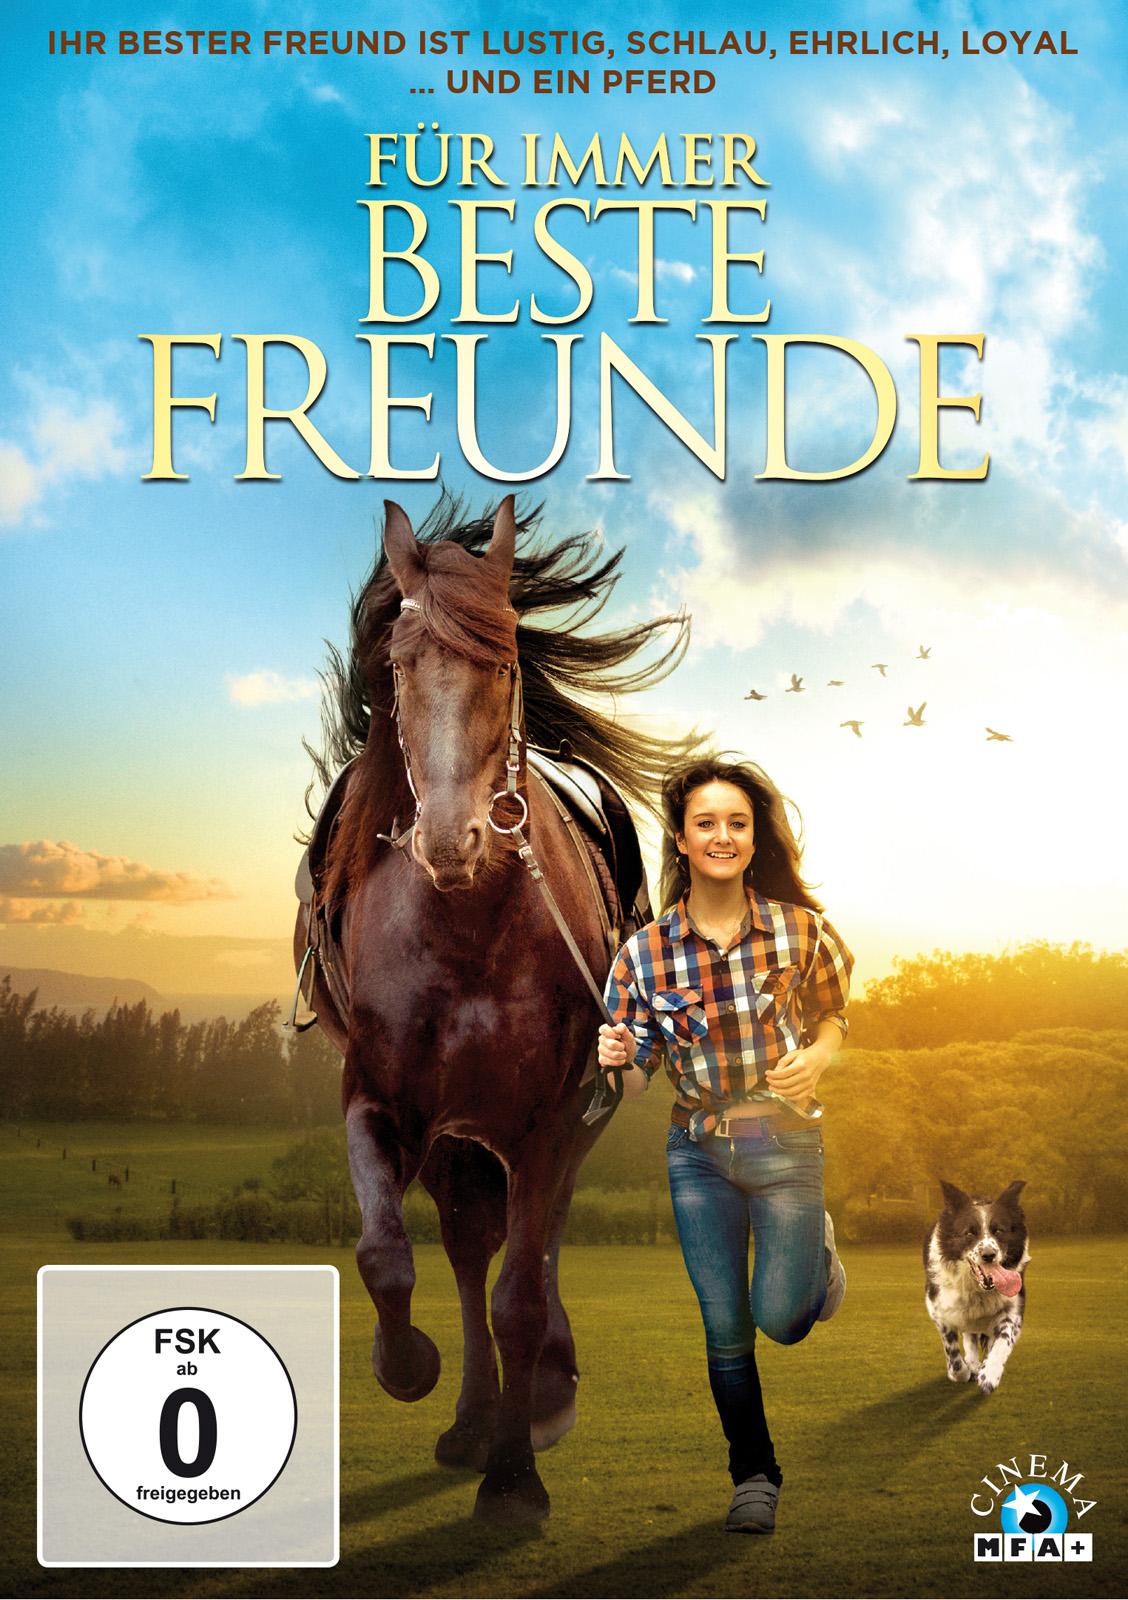 Für immer beste Freunde - Film 2016 - FILMSTARTS.de